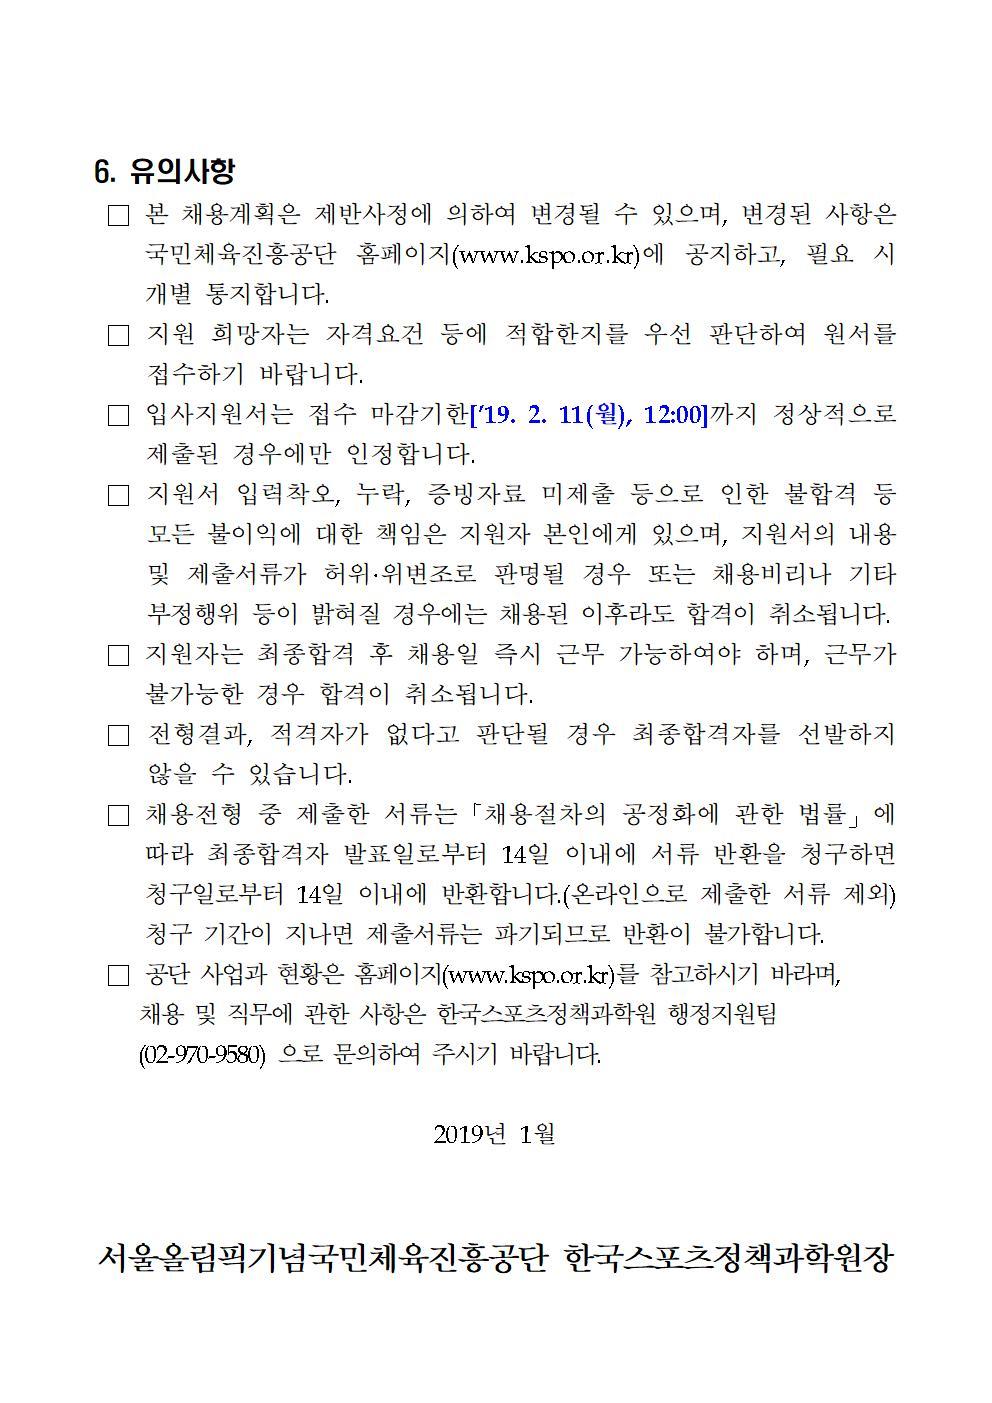 한국스포츠정책과학원 운전원 채용공고문